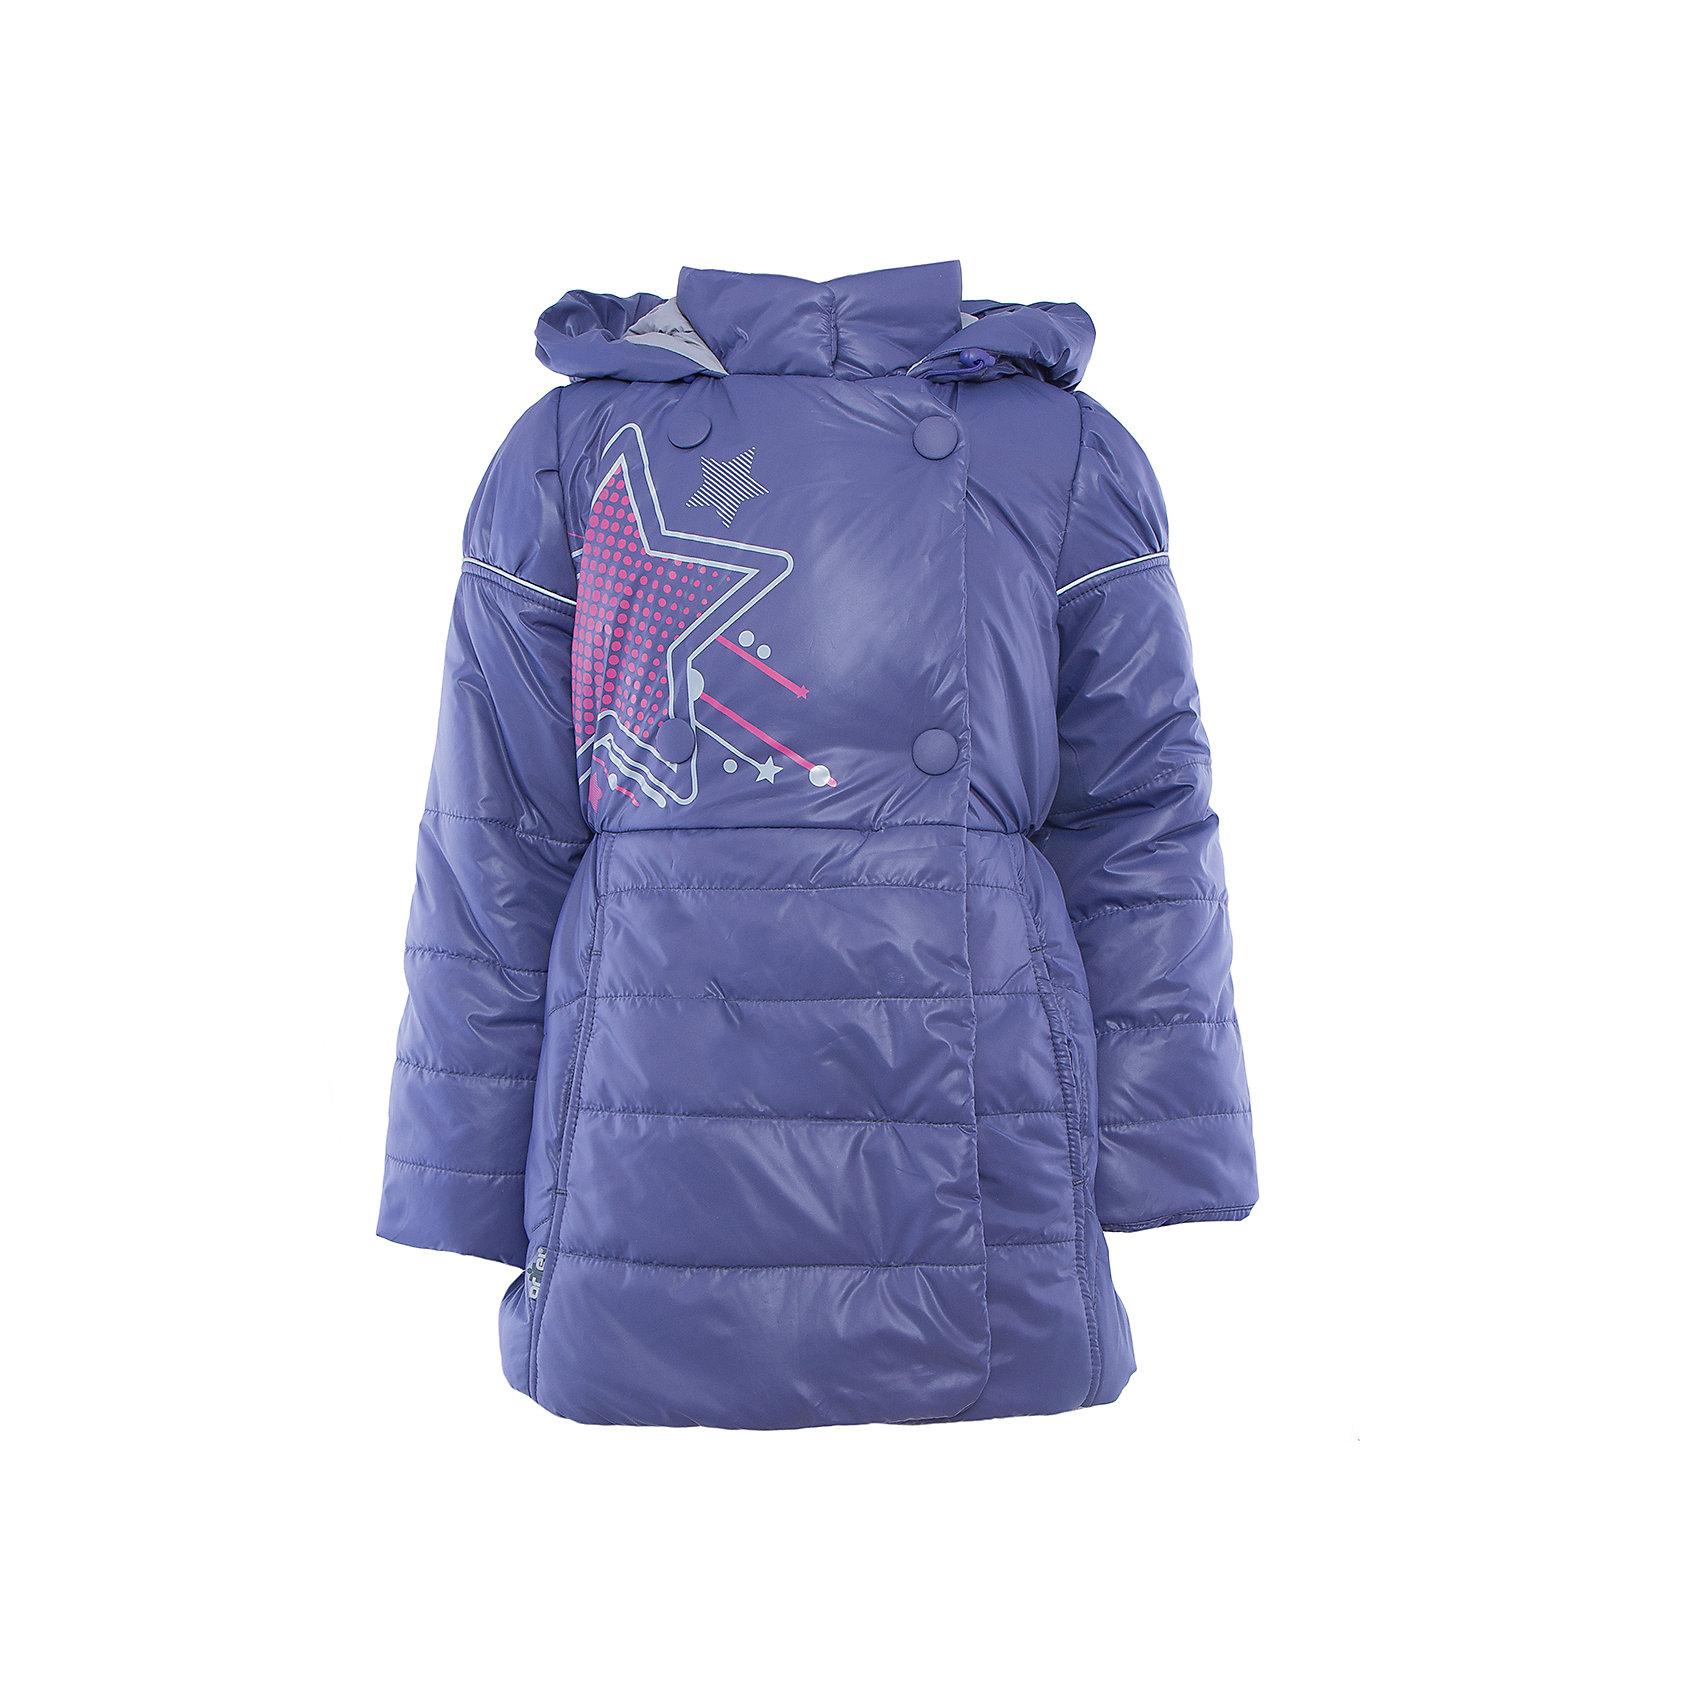 Куртка для девочки АртельВерхняя одежда<br>Куртка для девочки от известного бренда Артель<br>Стильная удлиненная двубортная куртка на девочку. Капюшон втачной с отворотом в виде буфа. Манжета рукава регулируется по длине. По линии талии сторочка с резинкой. <br>Состав:<br>Верх: YSD 819<br>Подкладка: интерлок, тиси<br>Утеплитель: термофайбер 200гр<br><br>Ширина мм: 356<br>Глубина мм: 10<br>Высота мм: 245<br>Вес г: 519<br>Цвет: фиолетовый<br>Возраст от месяцев: 60<br>Возраст до месяцев: 72<br>Пол: Женский<br>Возраст: Детский<br>Размер: 116,128,104,110,122<br>SKU: 4963648